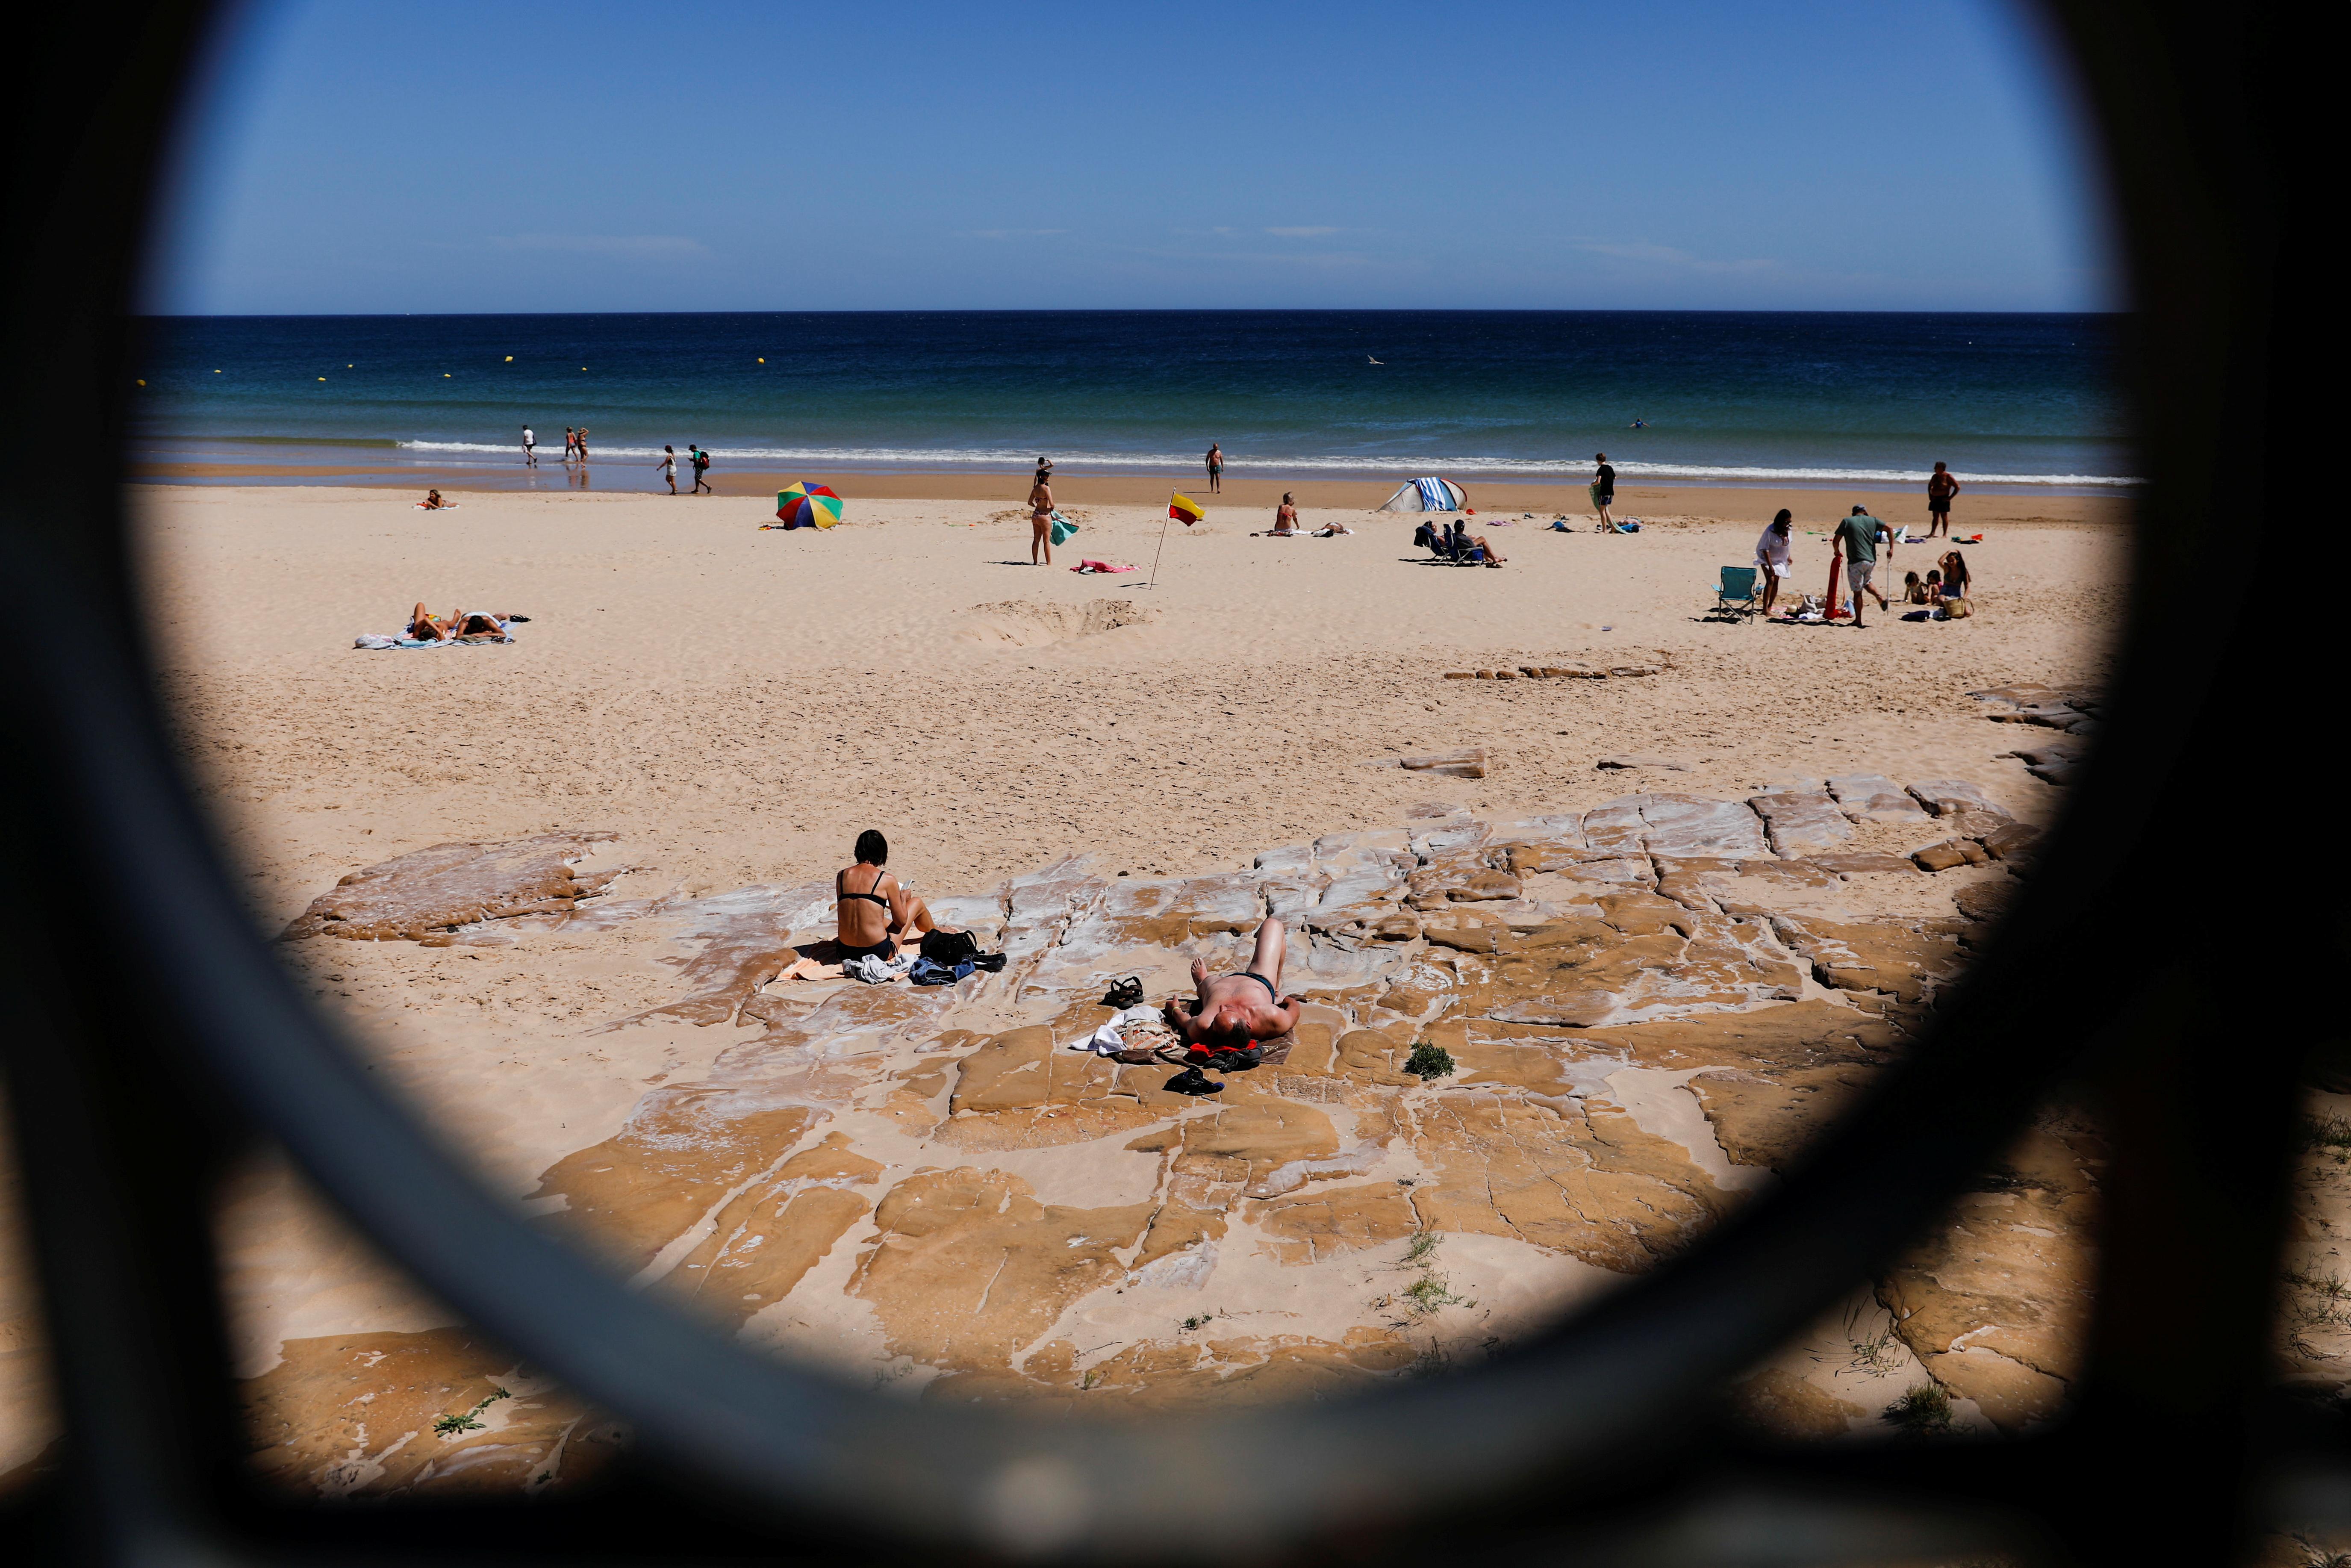 ผู้คนอาบแดดบนชายหาด Luz ท่ามกลางการแพร่ระบาดของโรค coronavirus (COVID-19) ในลากอสประเทศโปรตุเกส 3 มิถุนายน 2021 REUTERS / Pepro Nunes